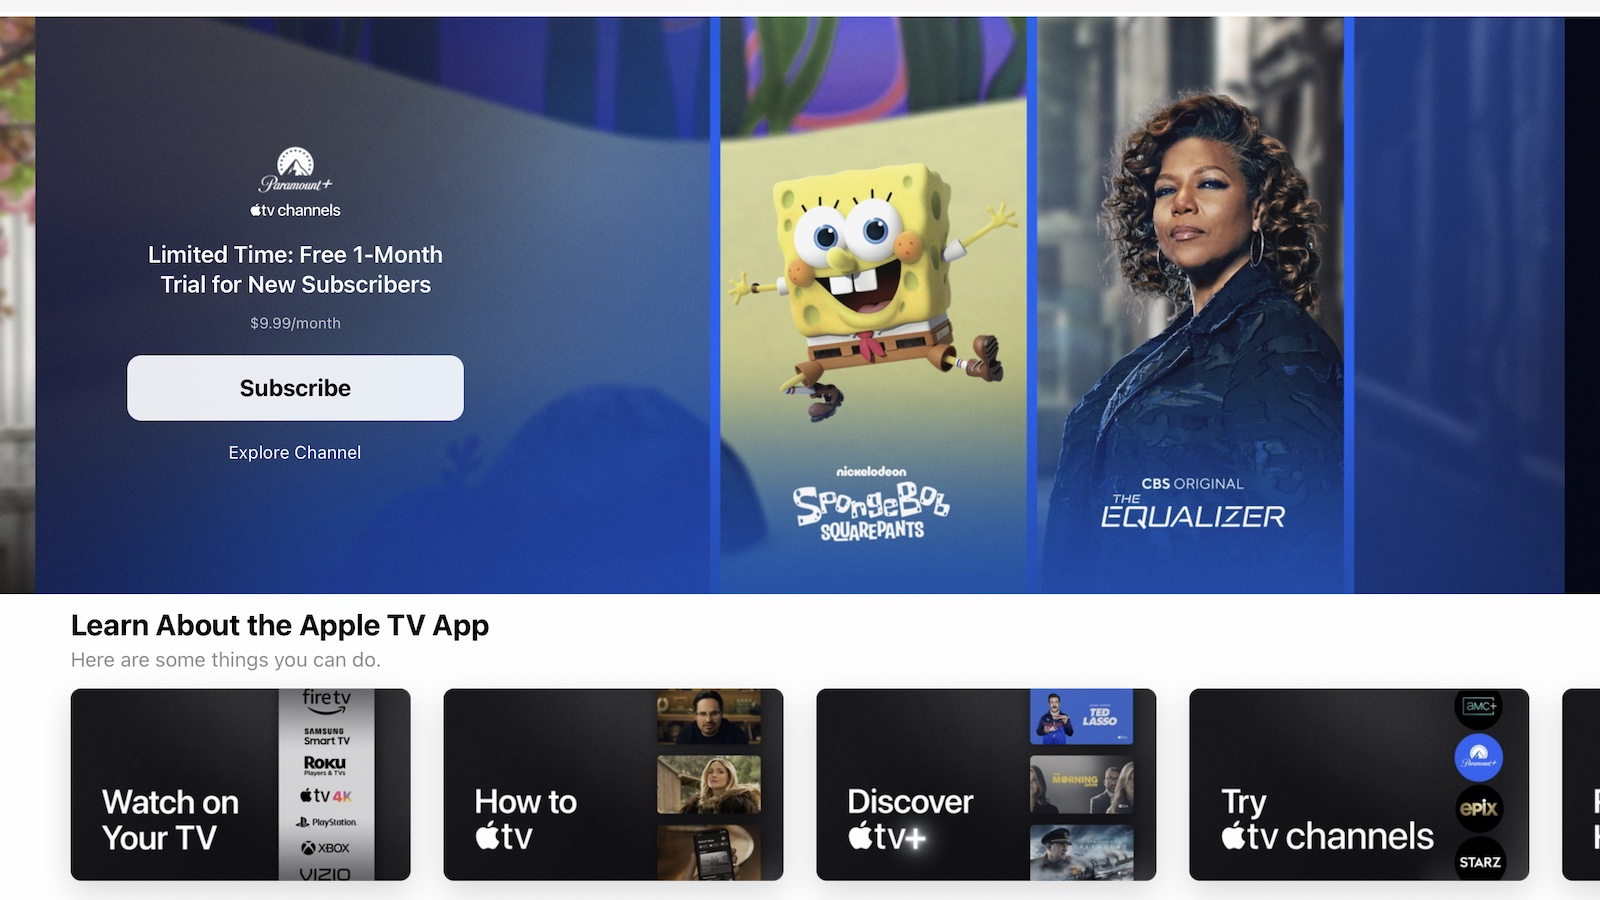 paramount plus apple tv app